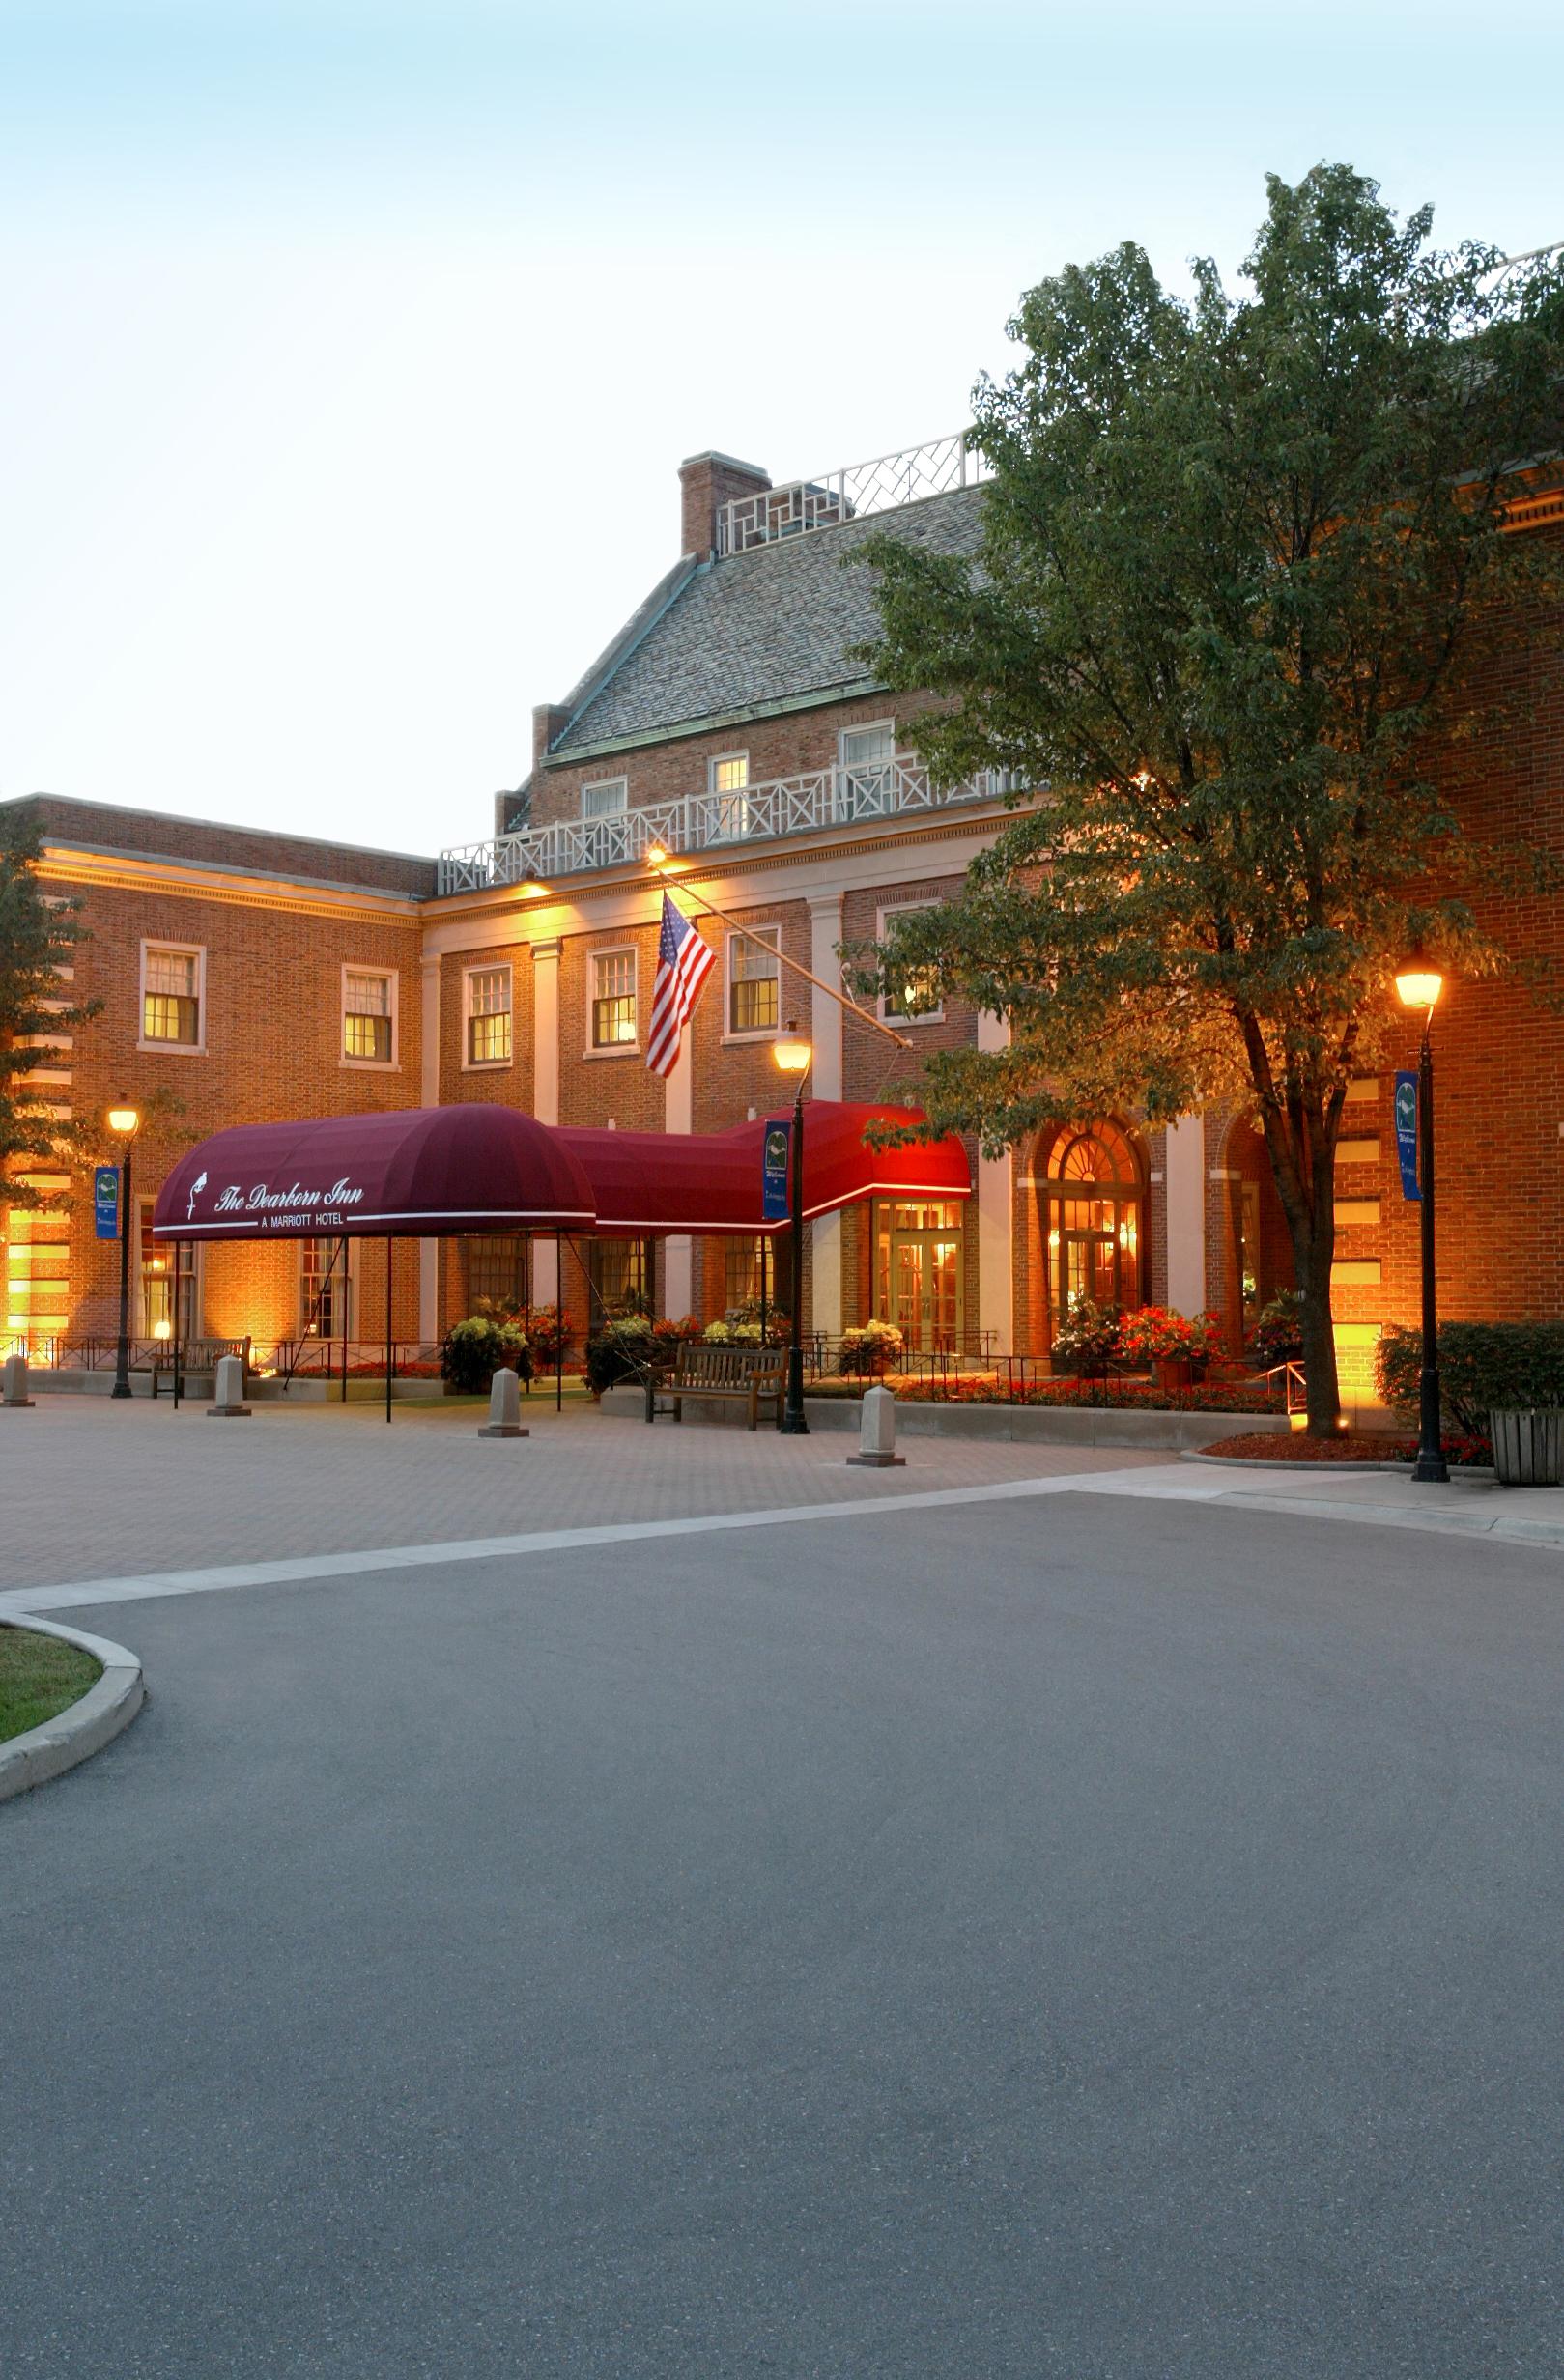 The Dearborn Inn